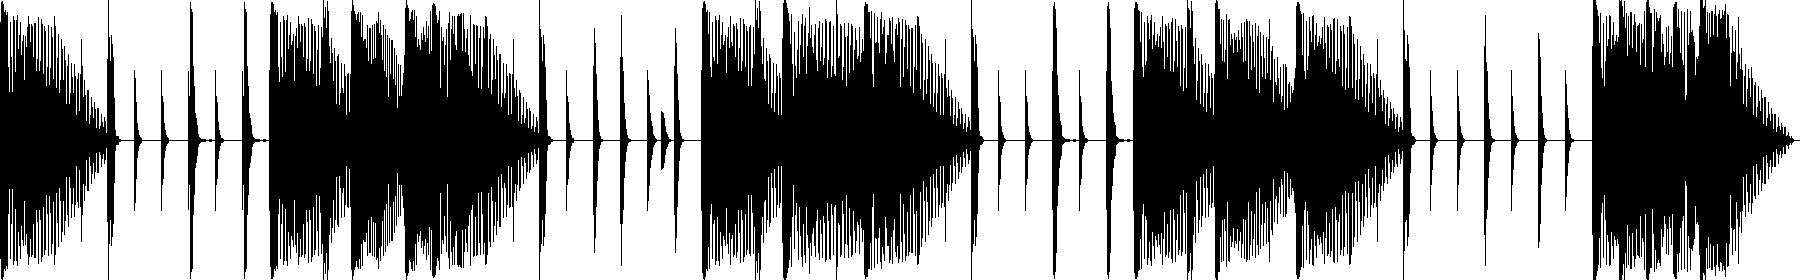 145drumka6